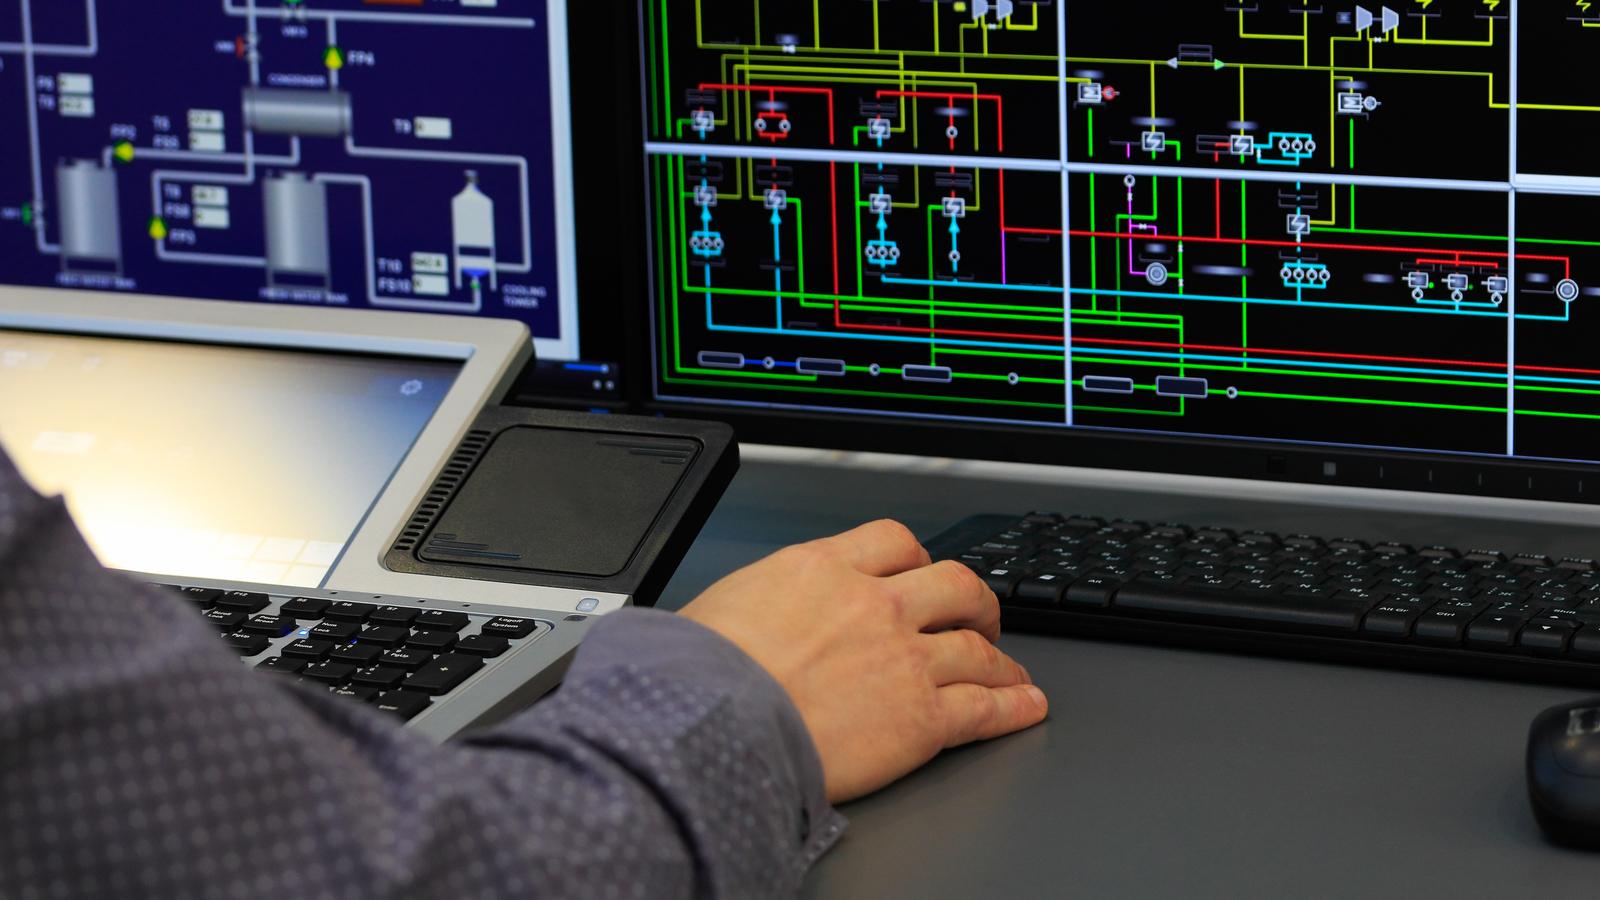 Sistemi SCADA: cosa sono e perché diventano centrali nella fabbrica 4.0